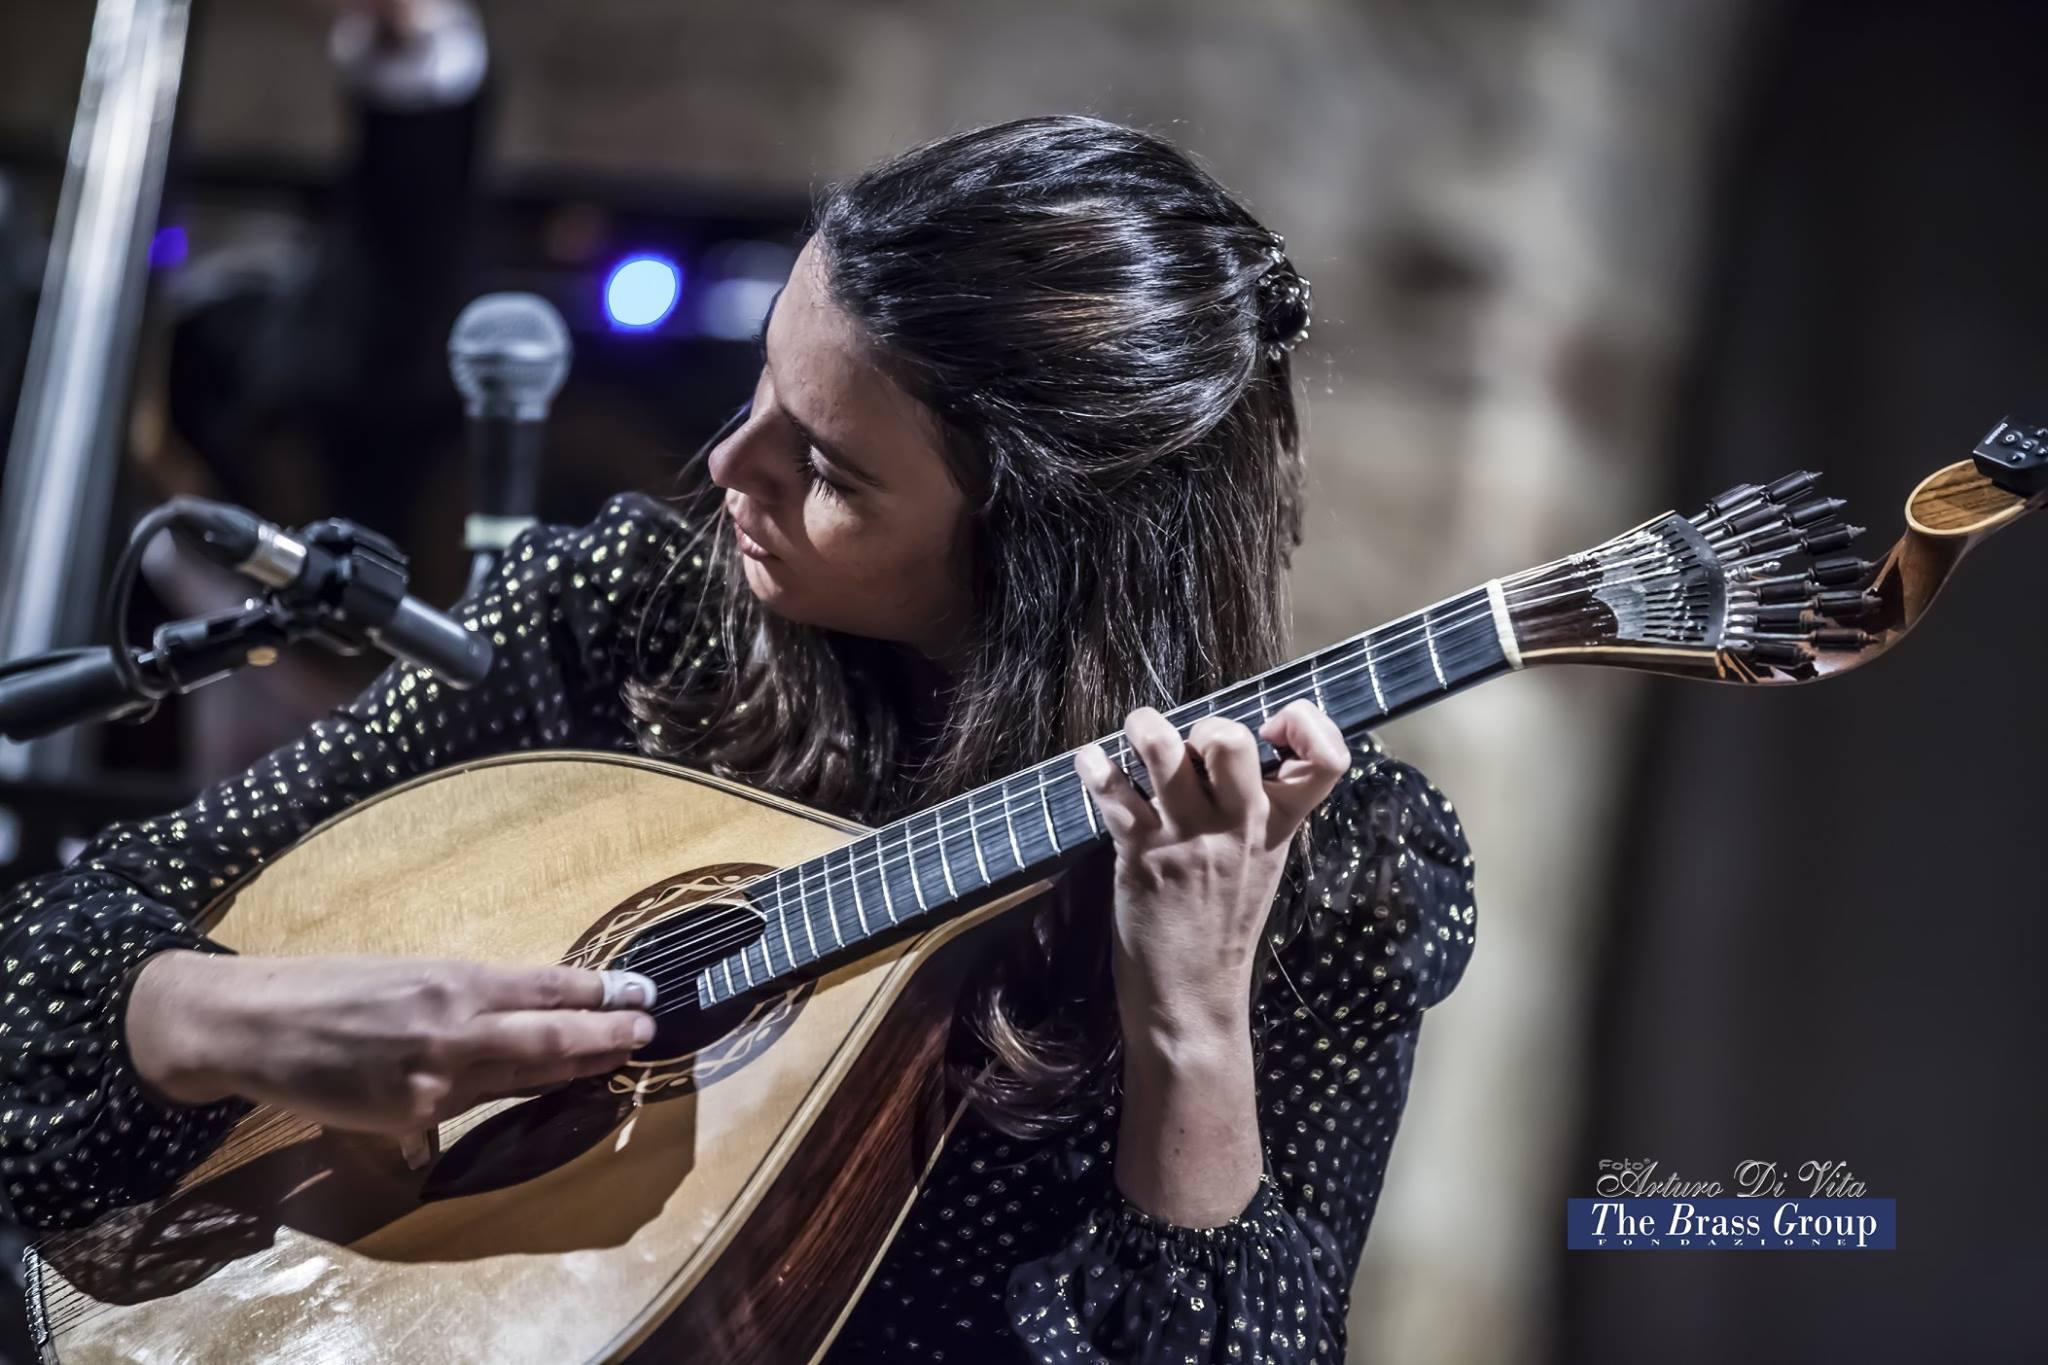 Marta Pereira da Costa Italy  28